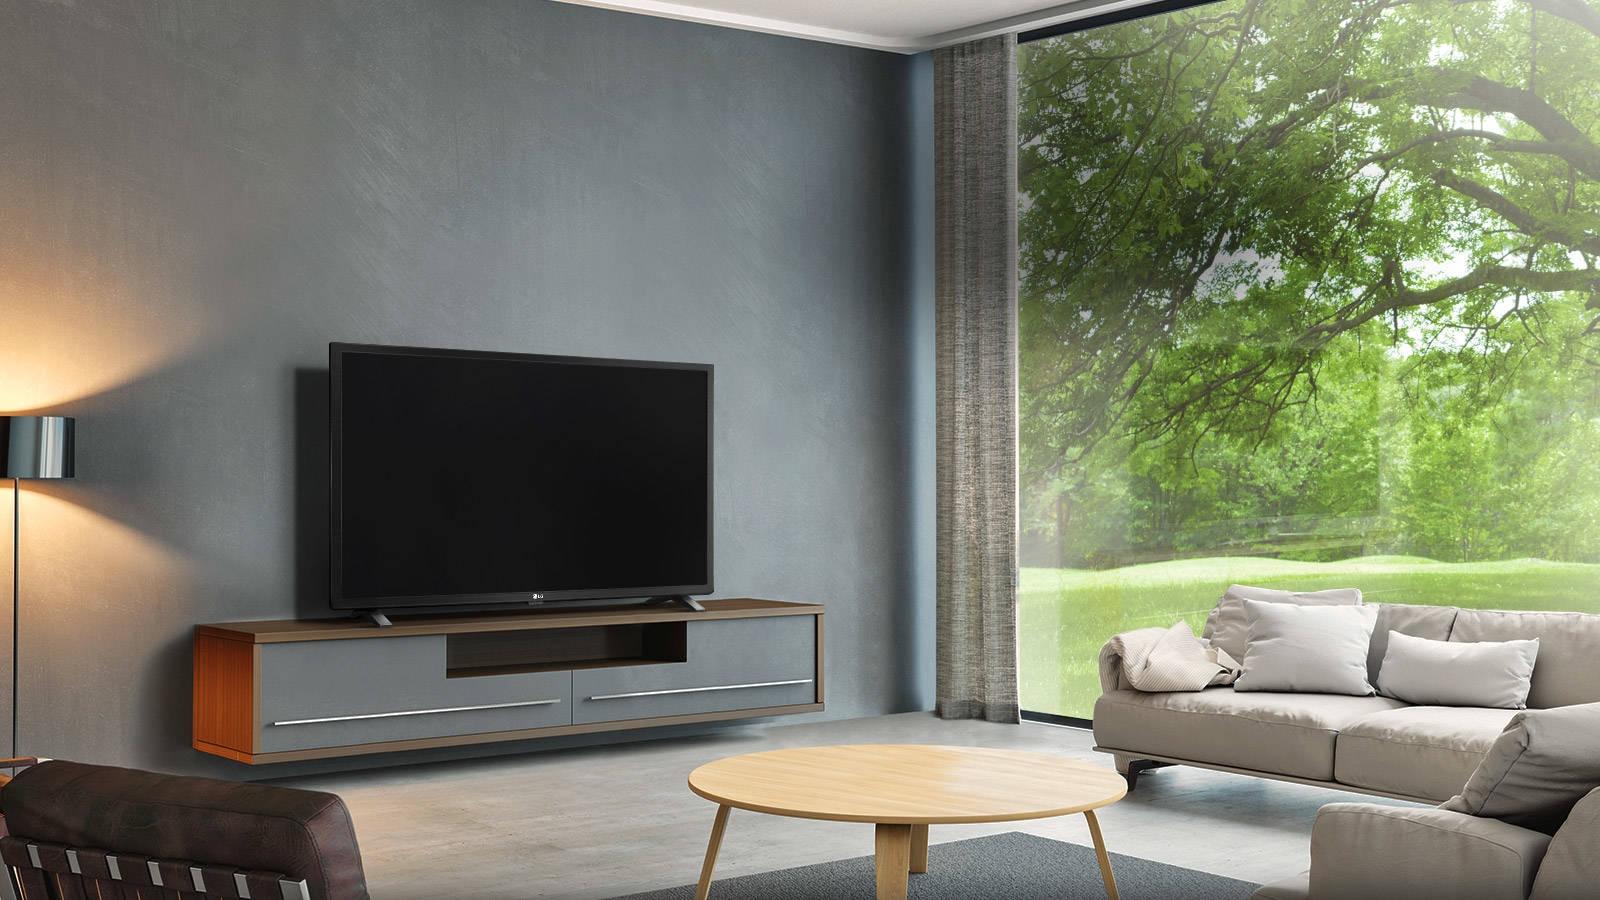 TV-FHD-32-LM63-09-Design-Desktop_v1